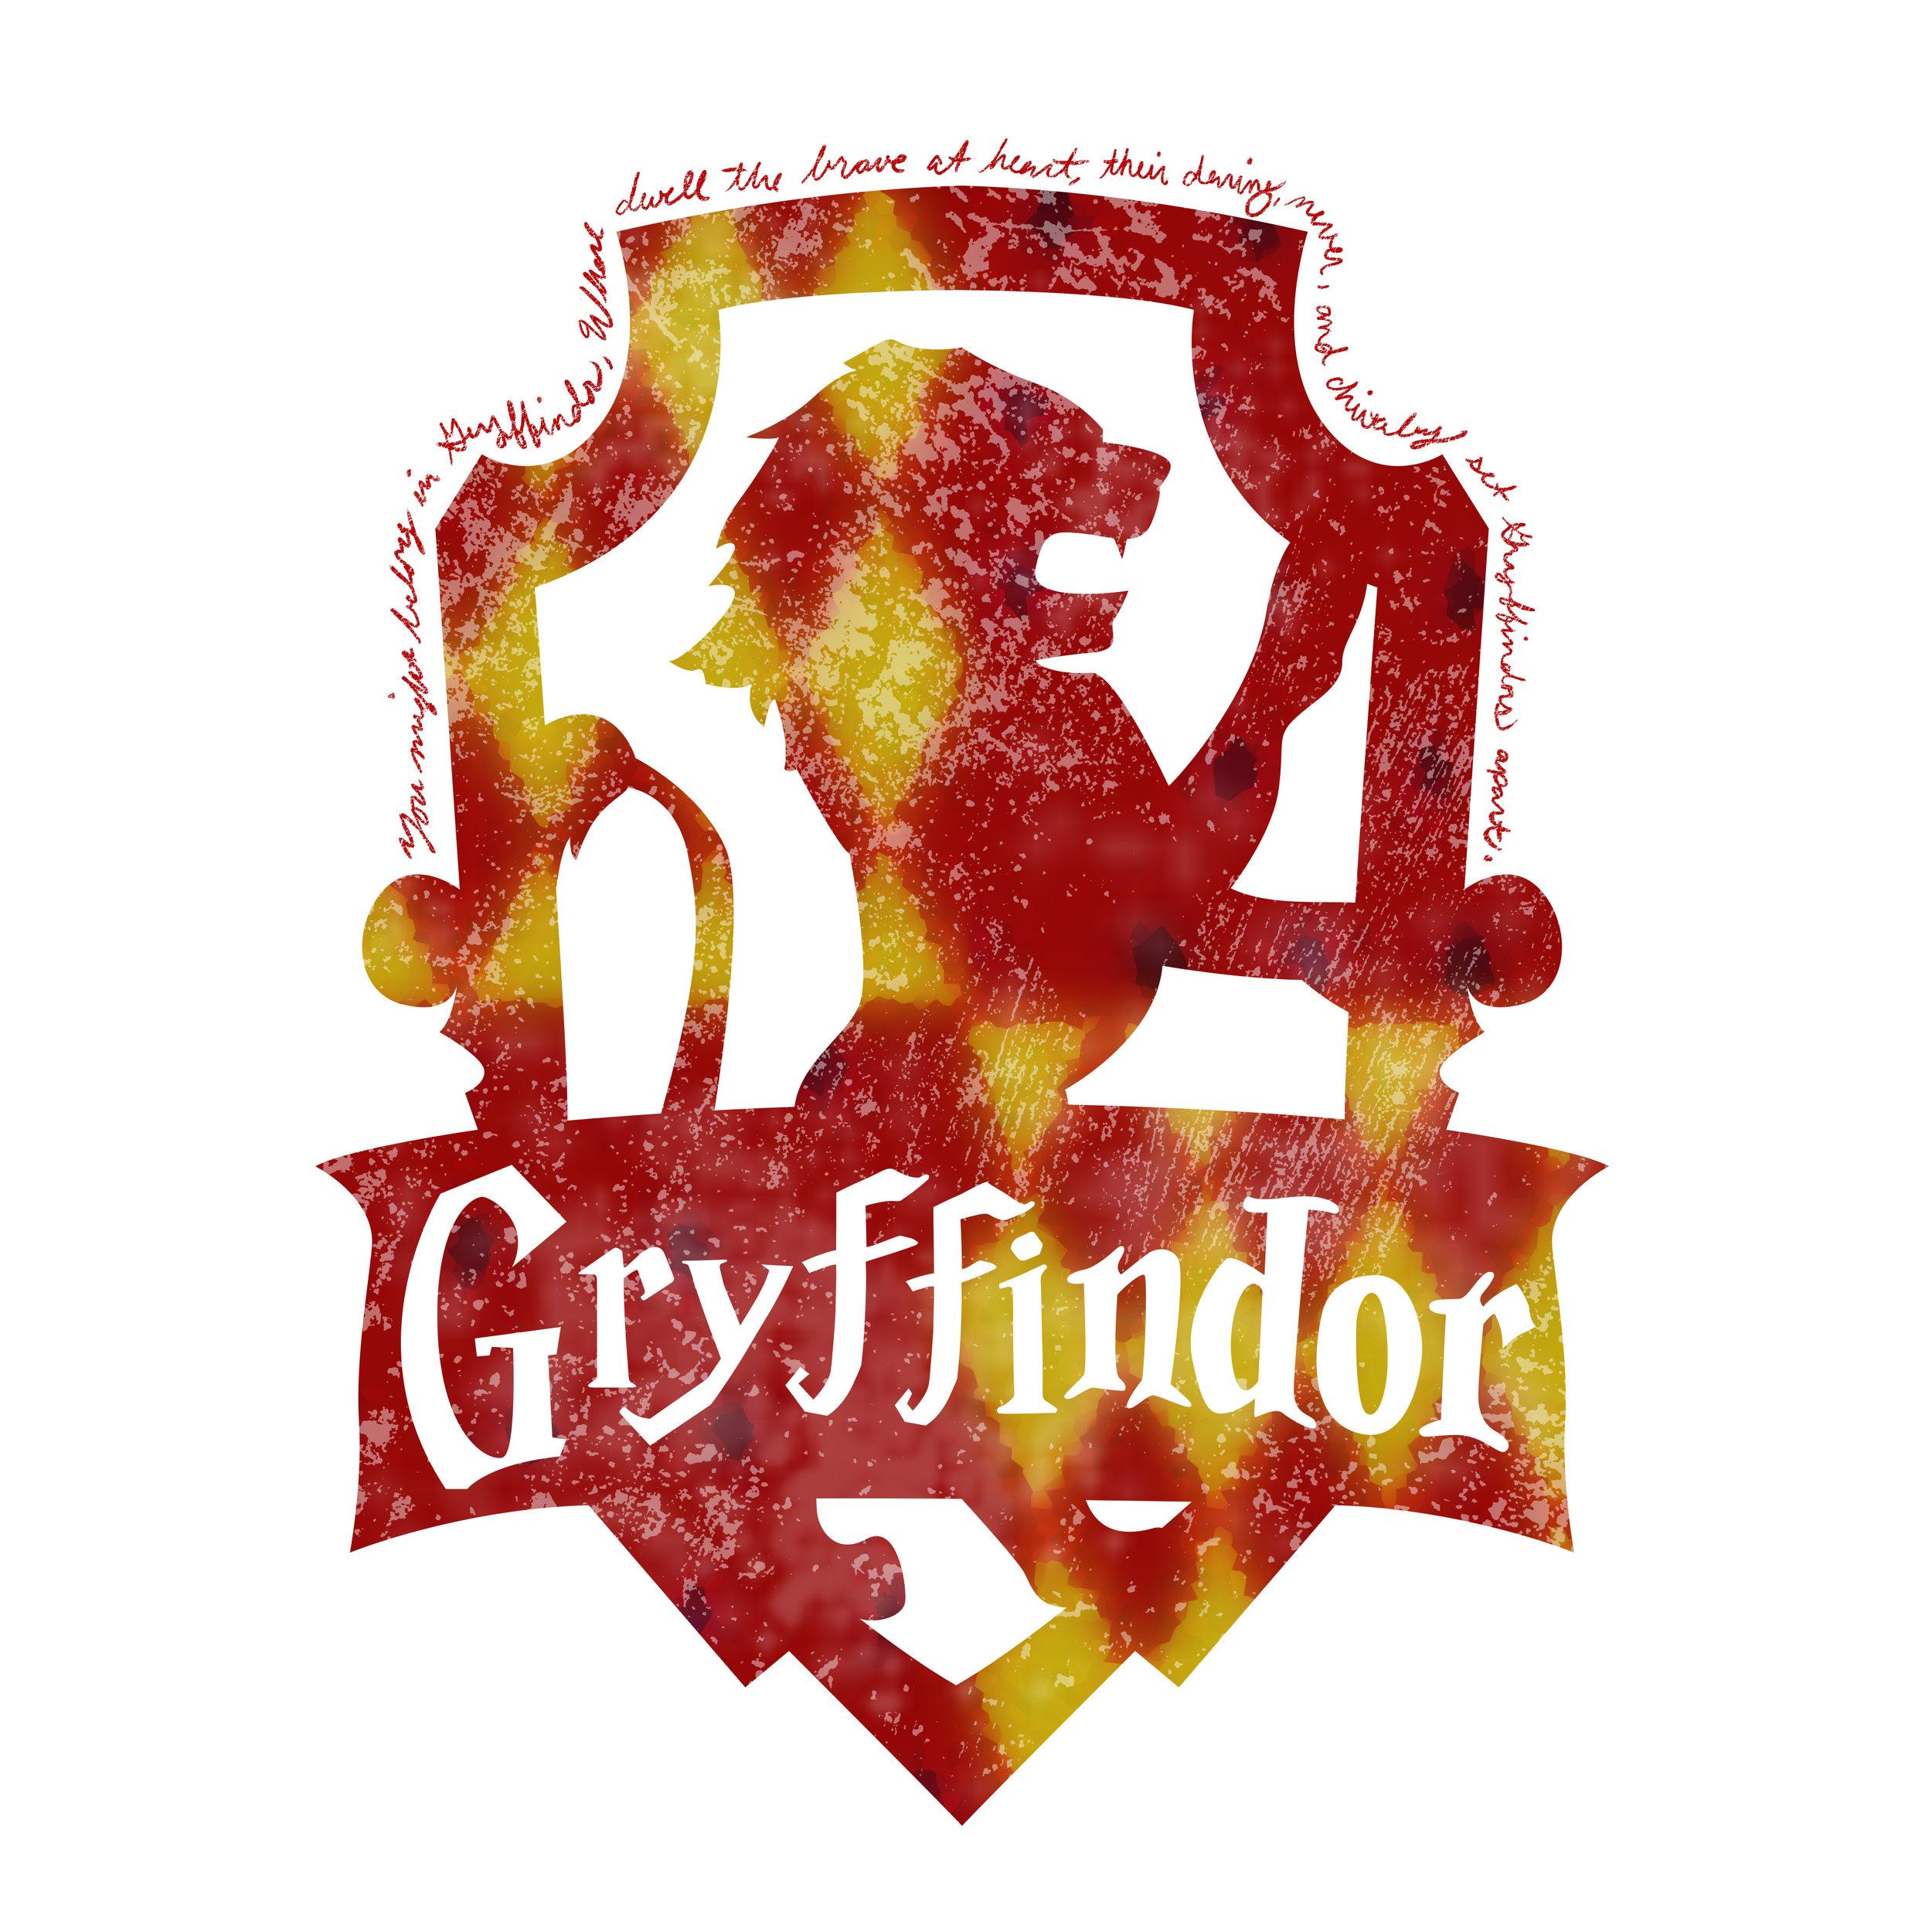 Harry Potter: Gryffindor House